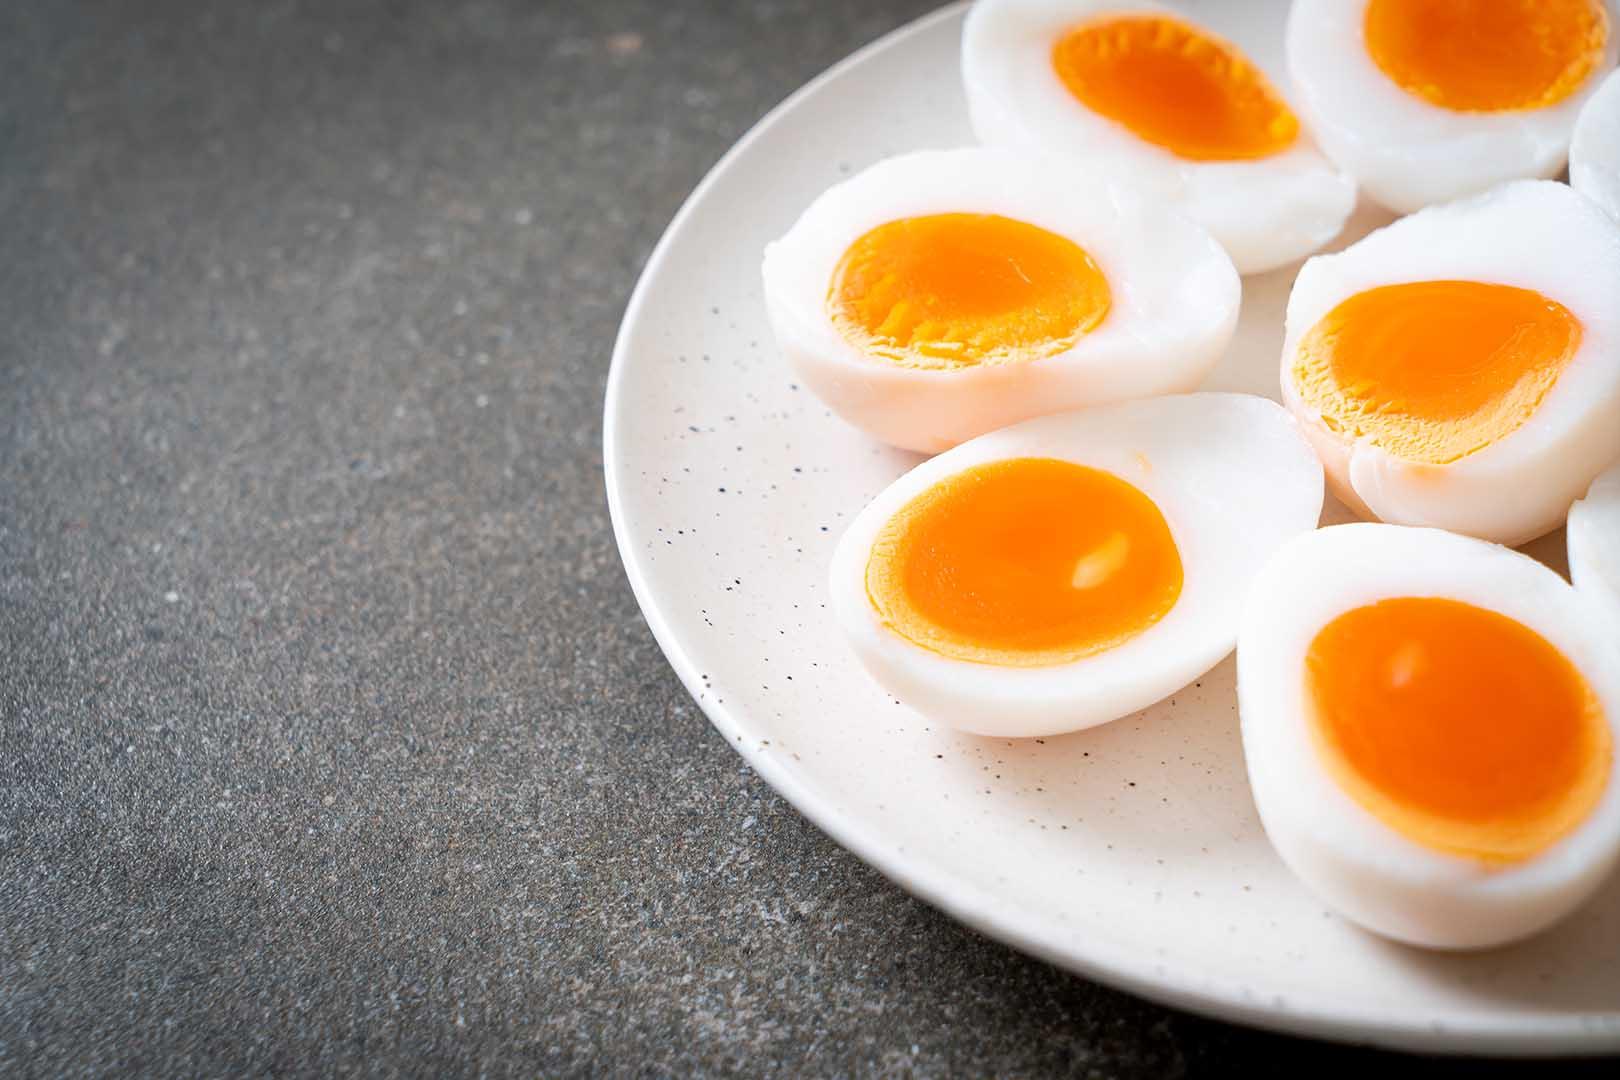 cara masak telur